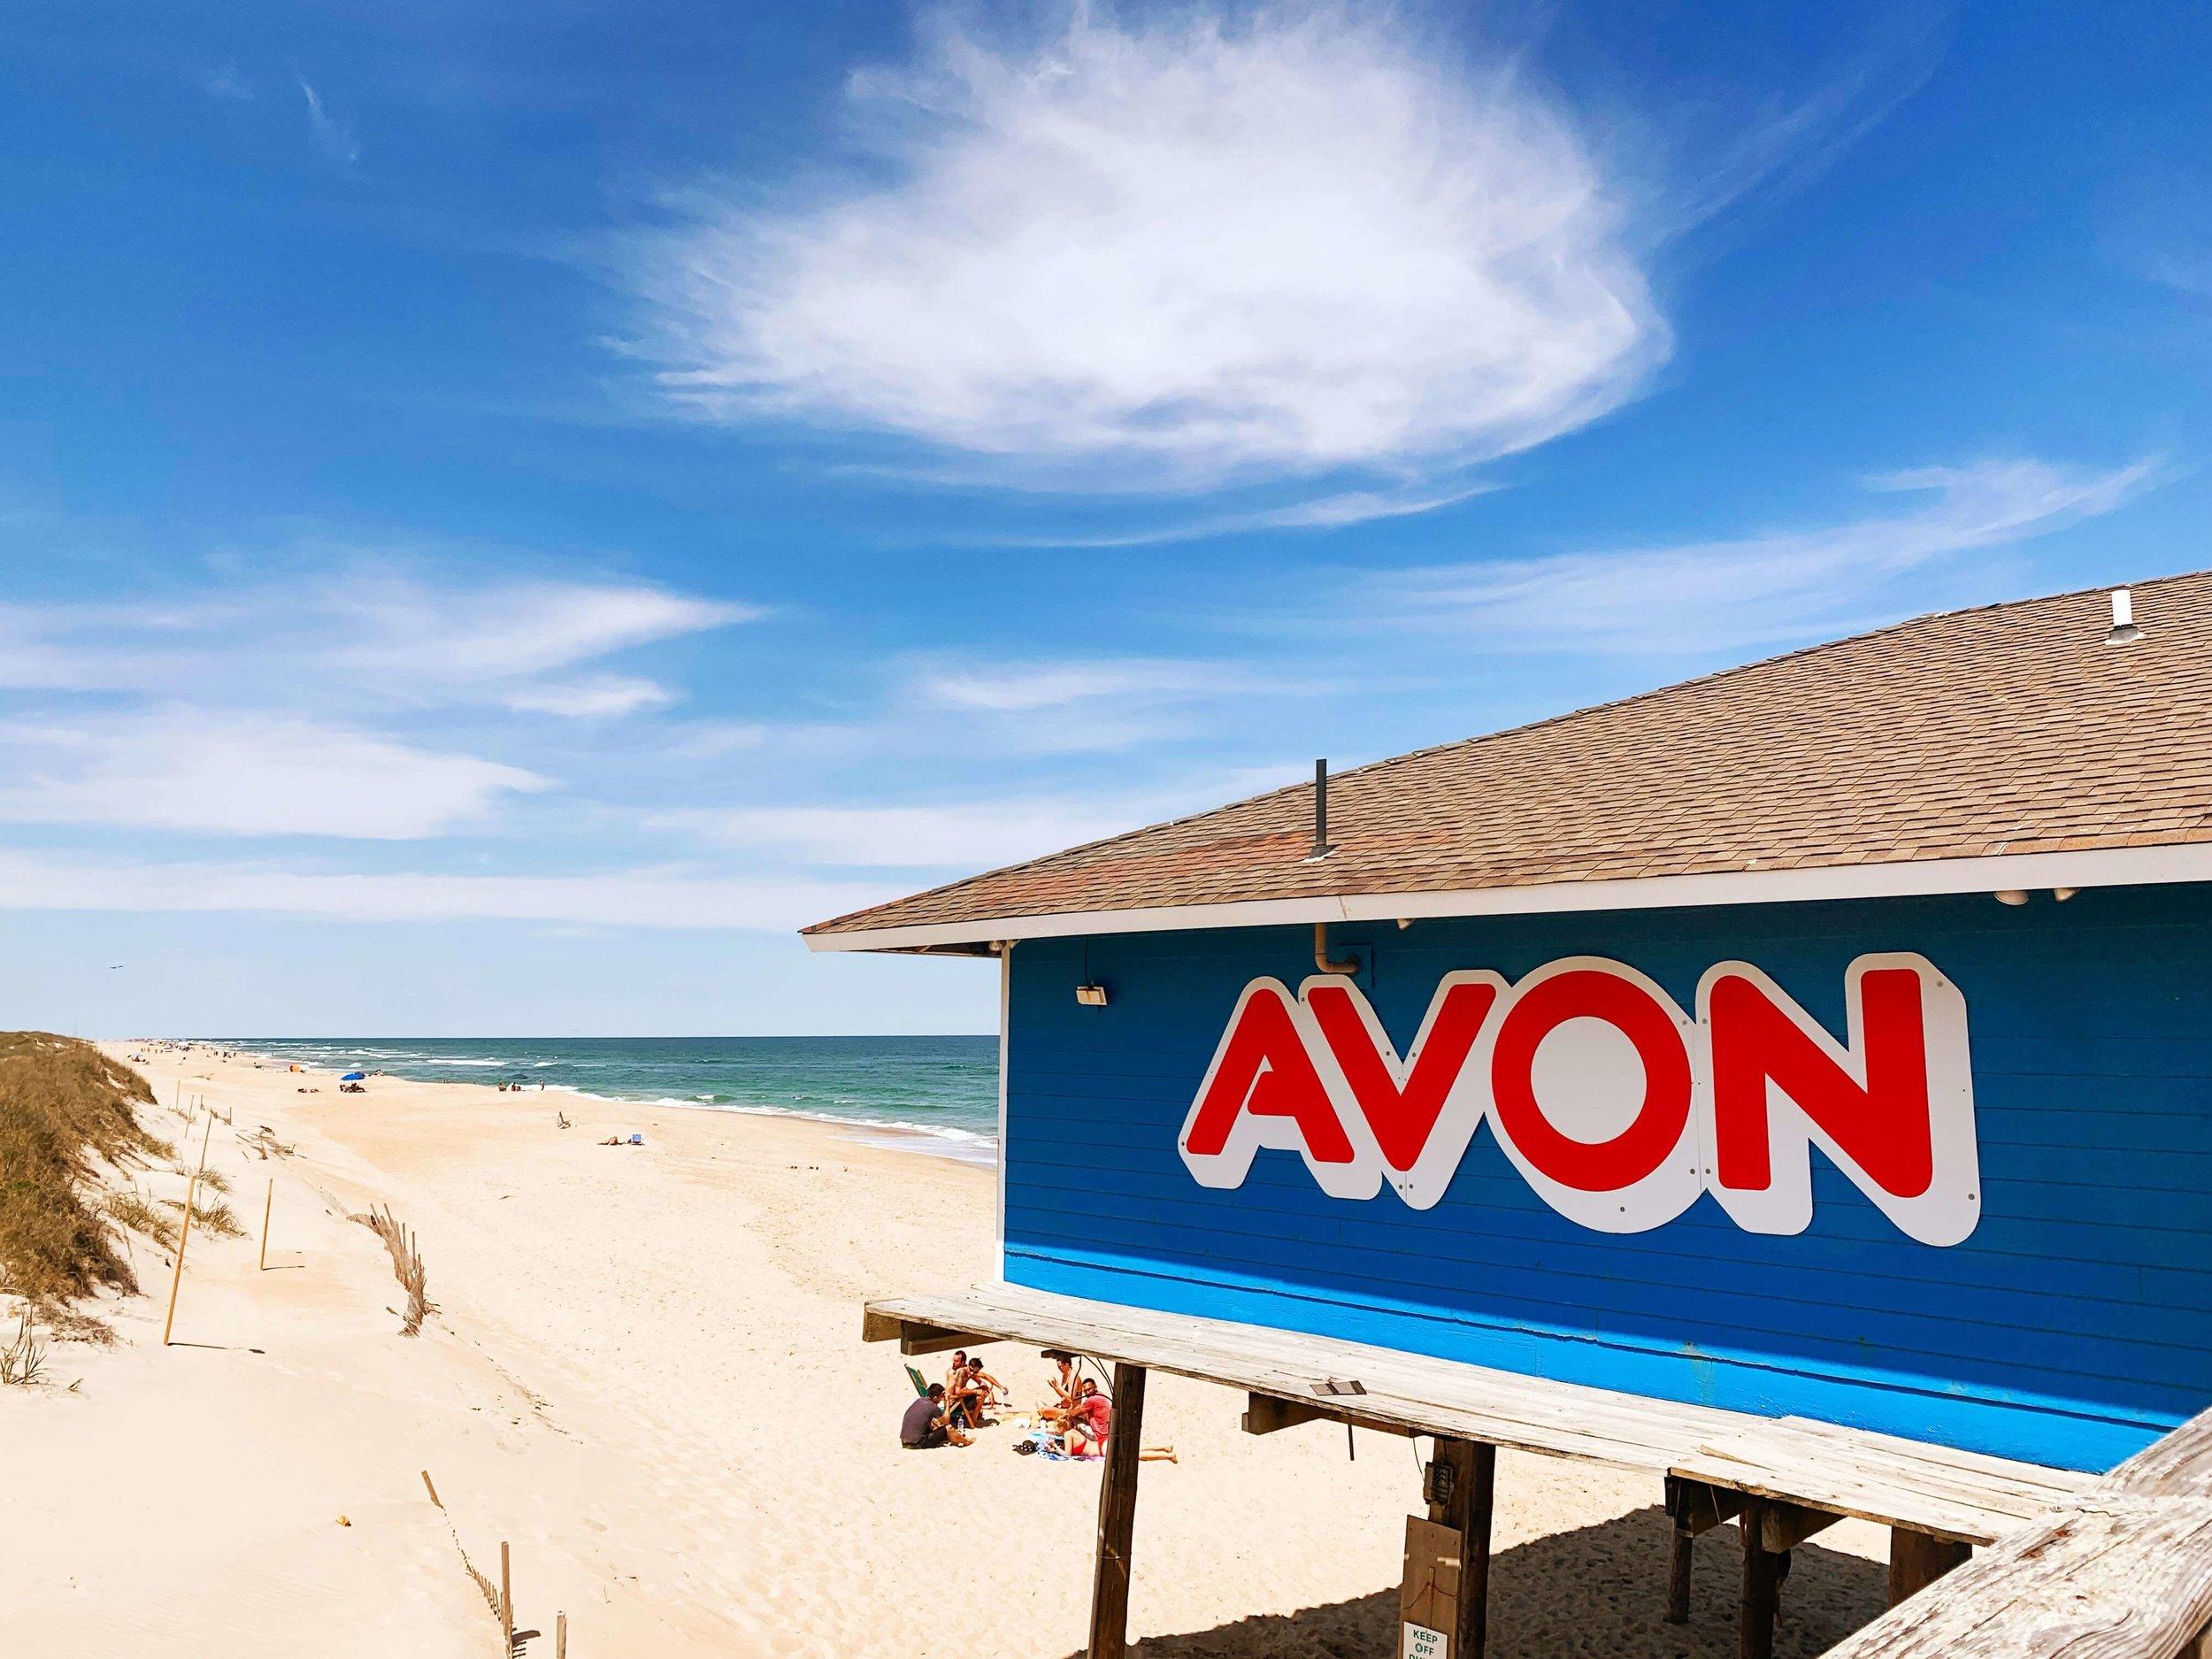 Avon Pier, Avon, NC